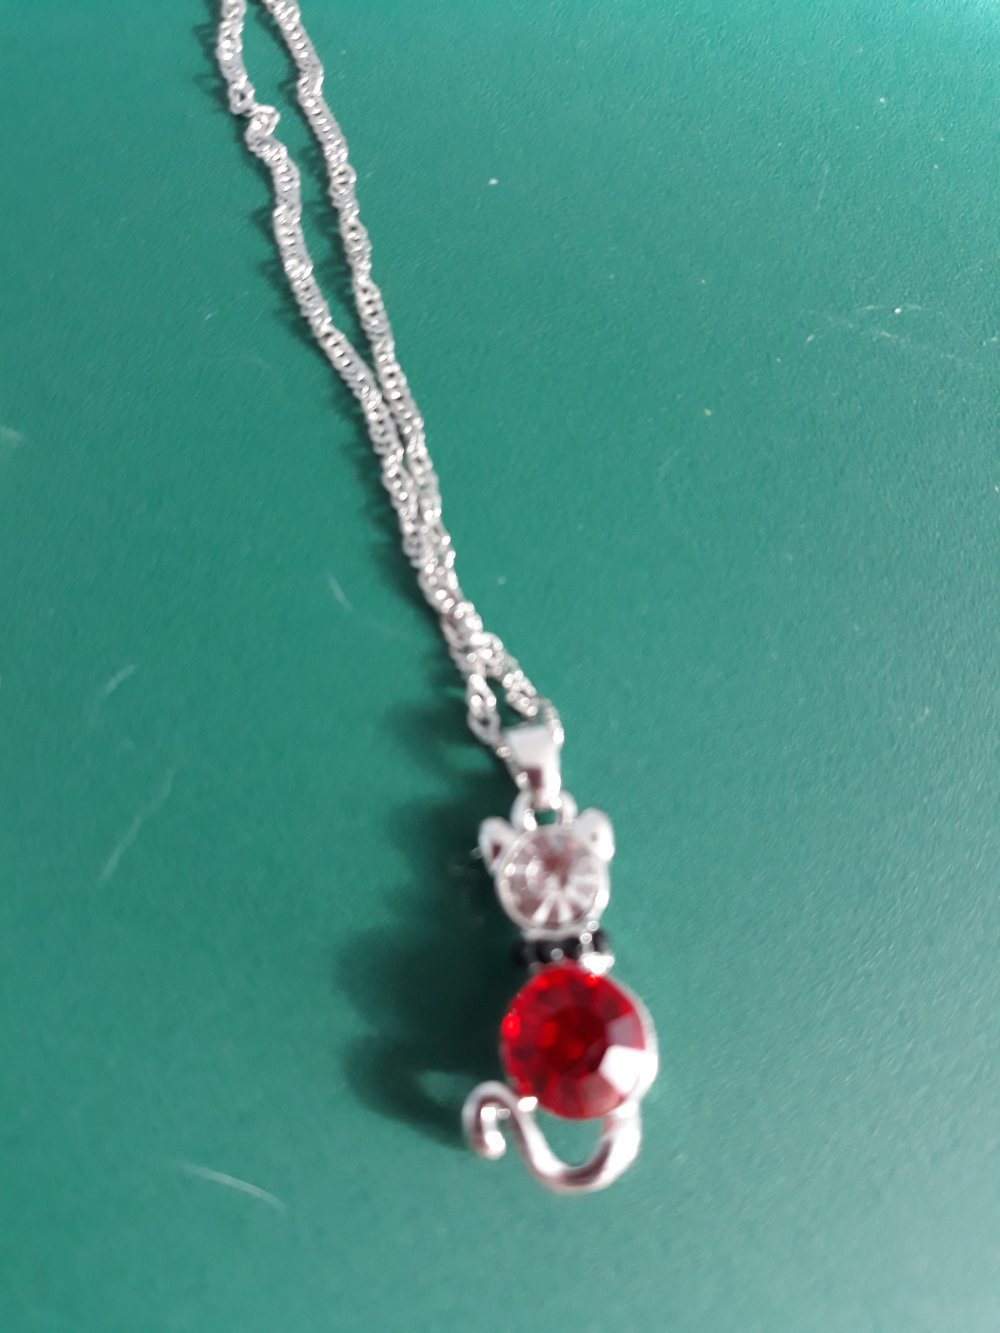 Un collier ras cou réglable en métal argenté avec pendentif chat incrusté de perles de cristal